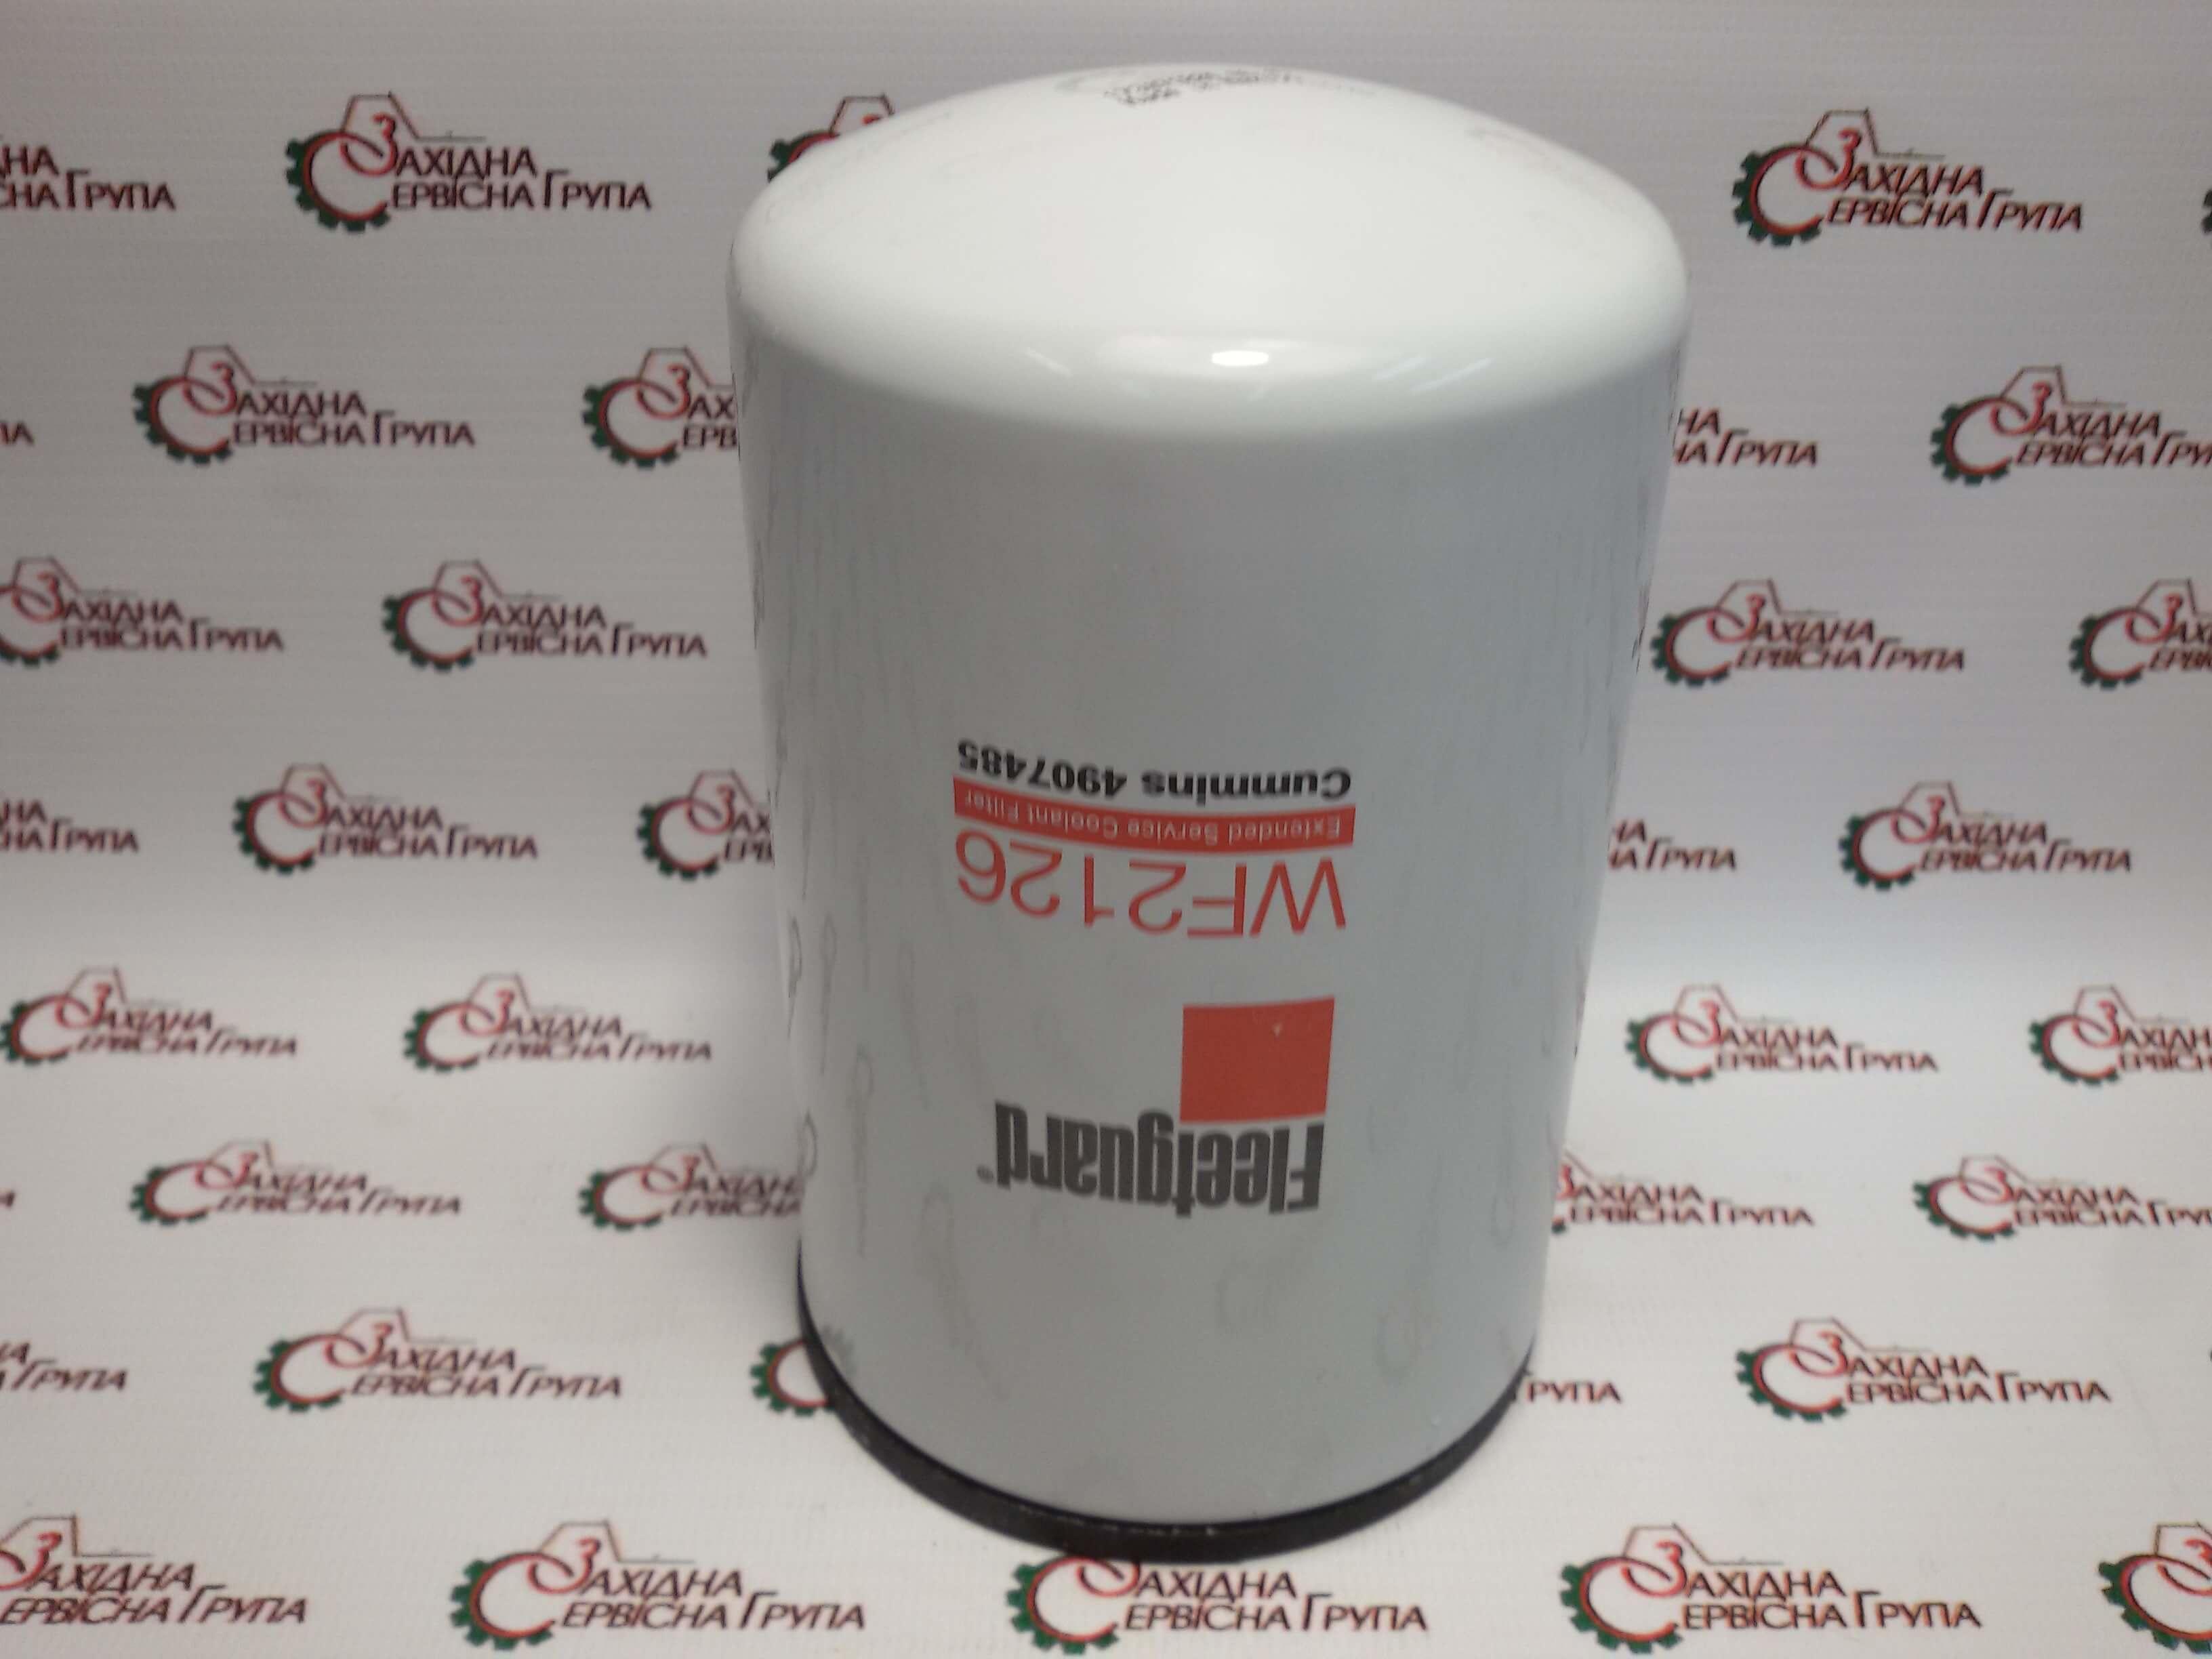 Фильтр охлаждающей жидкости Cummins Fleetguard WF2126, 4907485, 3100310, 3680433.